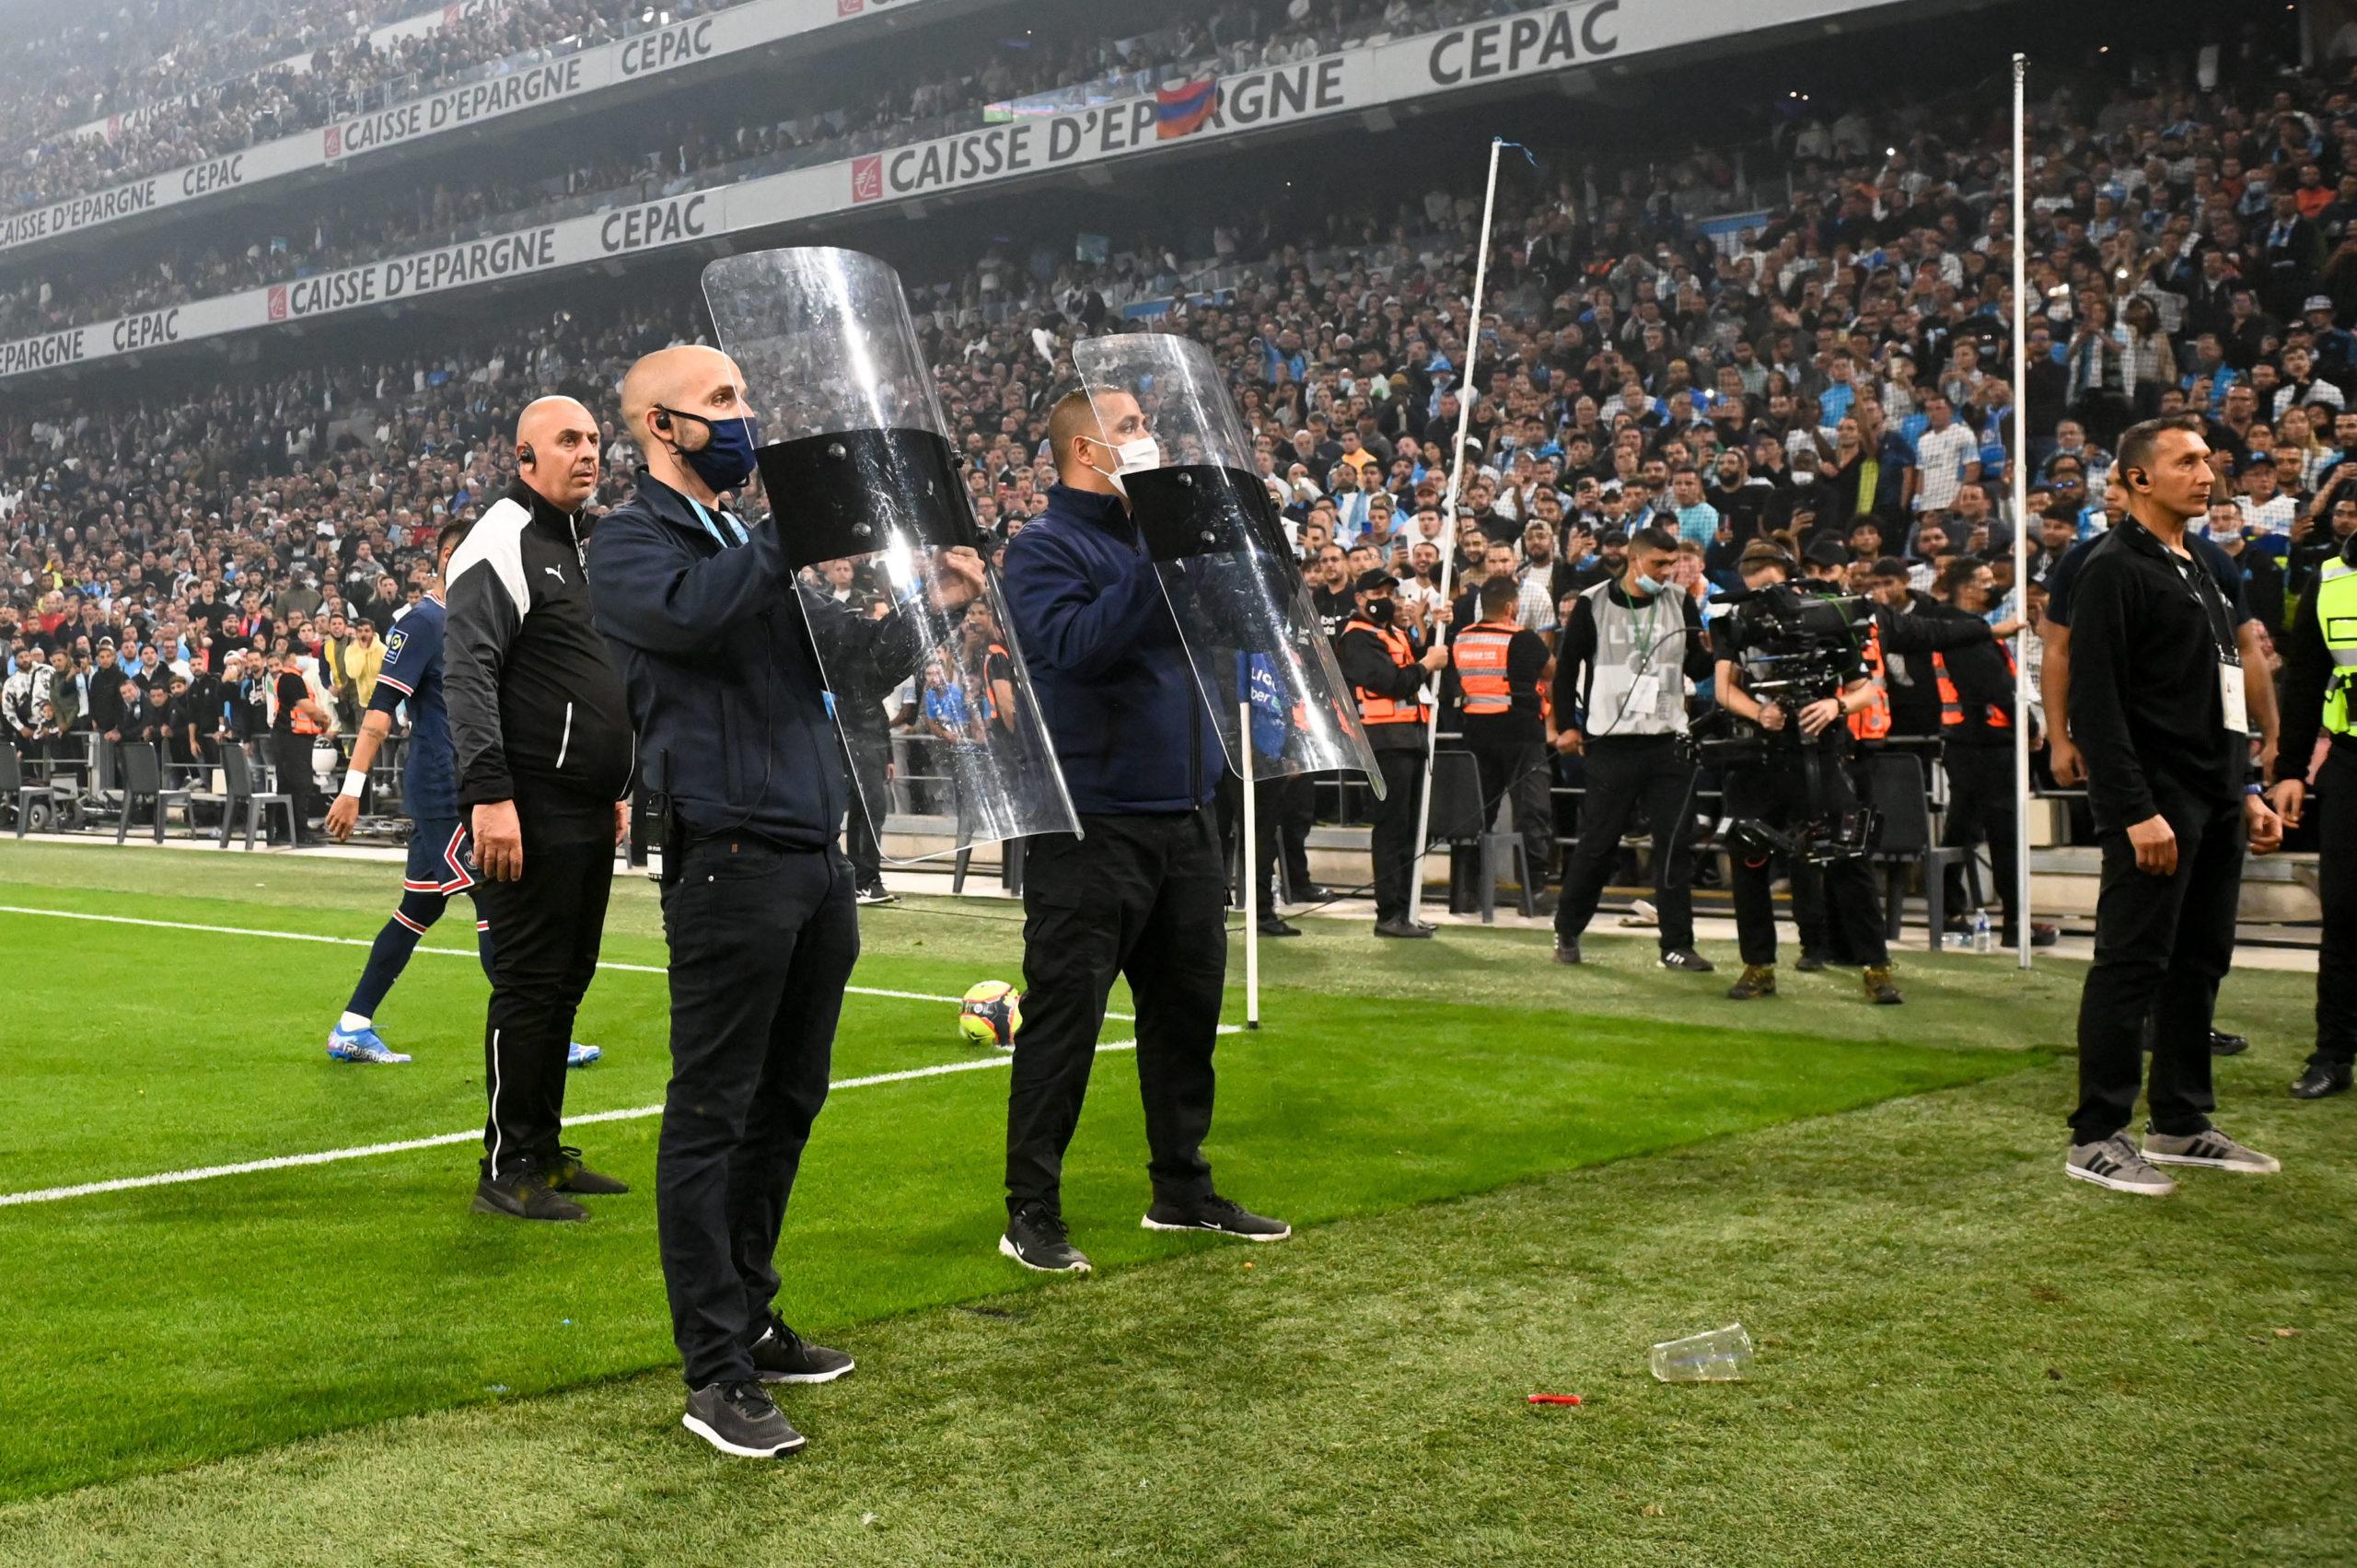 OM/PSG (0-0) - Marseille sanctionné après les incidents au Vélodrome ?